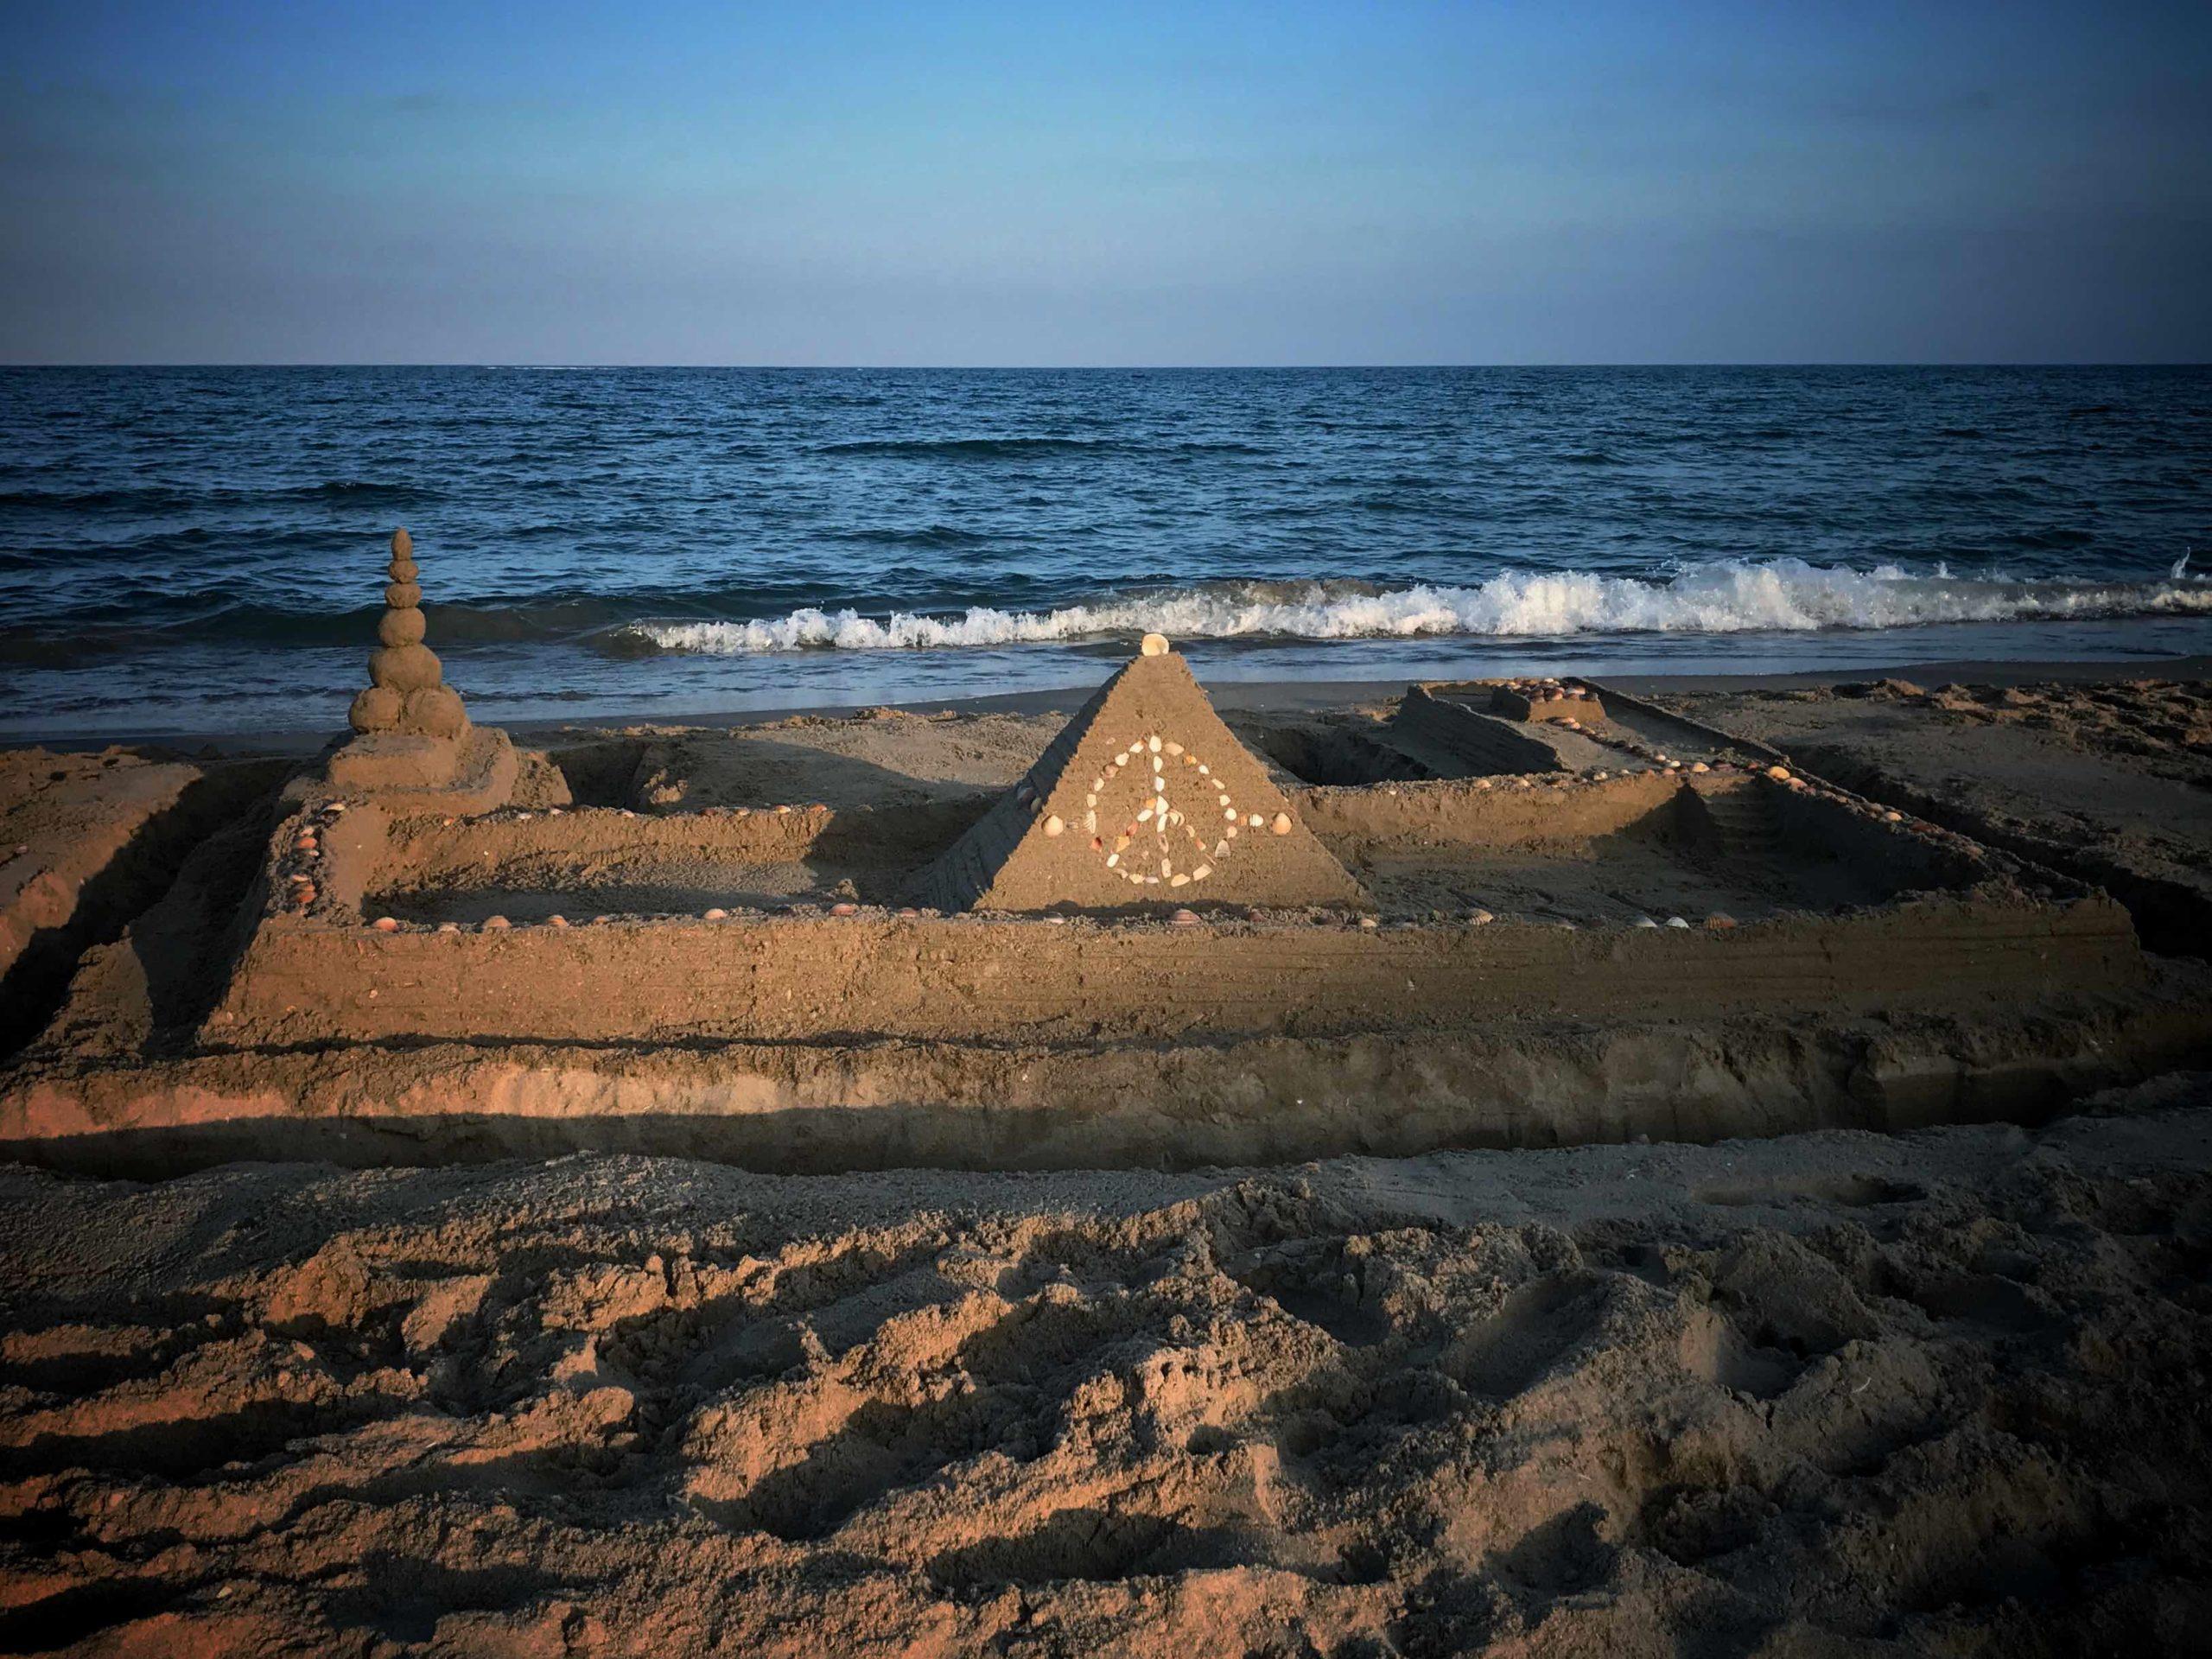 Chateau de sable à Rochelongue